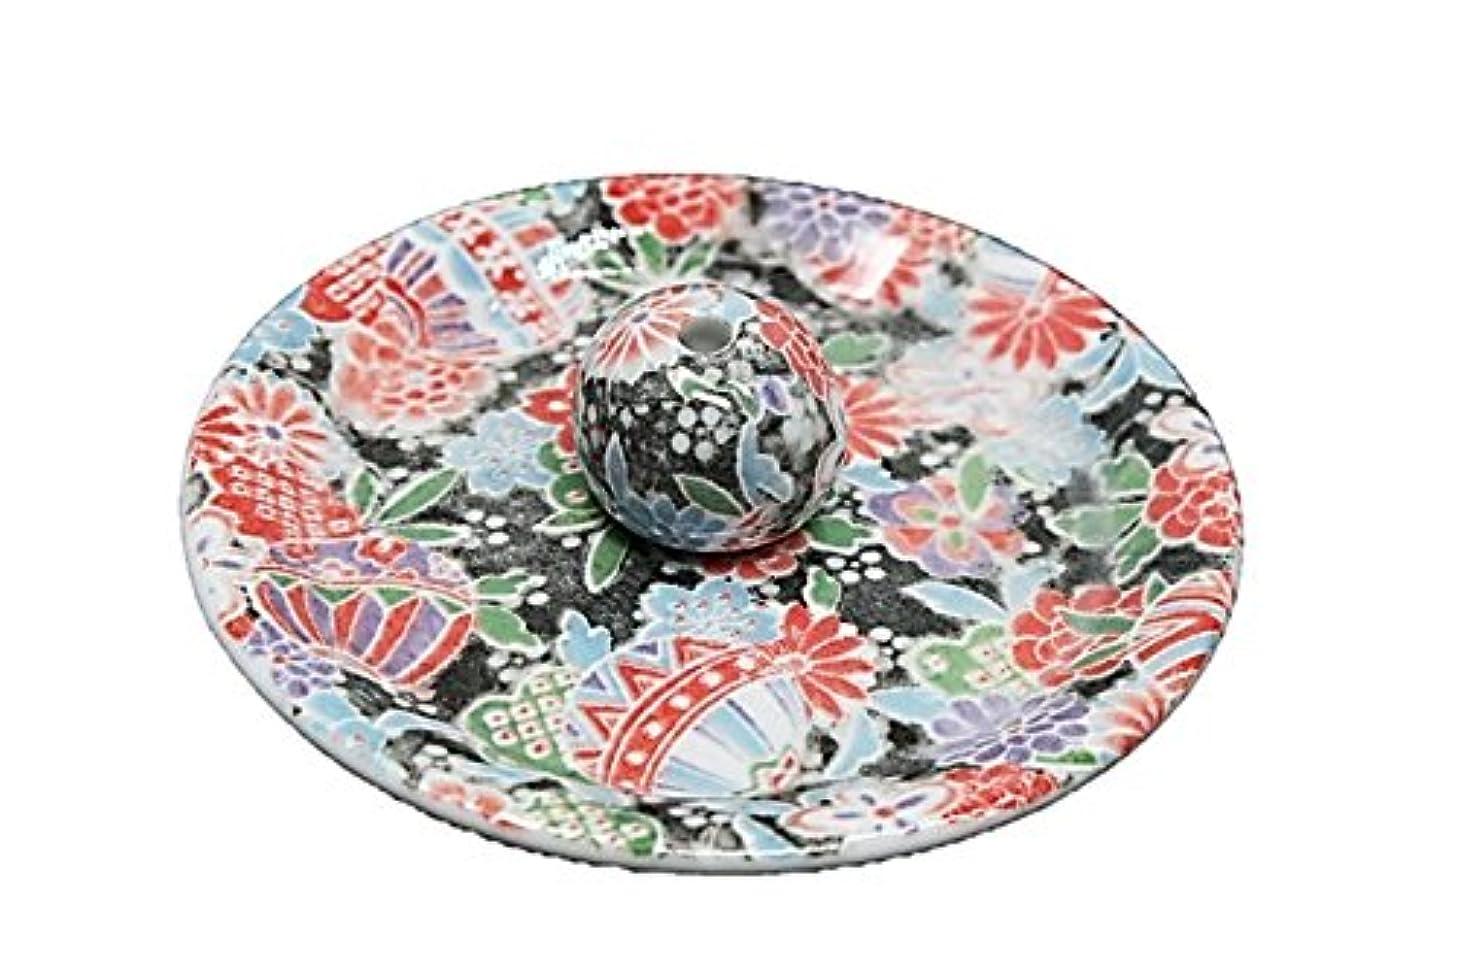 法律童謡純粋に9-13 京雅黒 9cm香皿 お香立て お香たて 陶器 日本製 製造?直売品